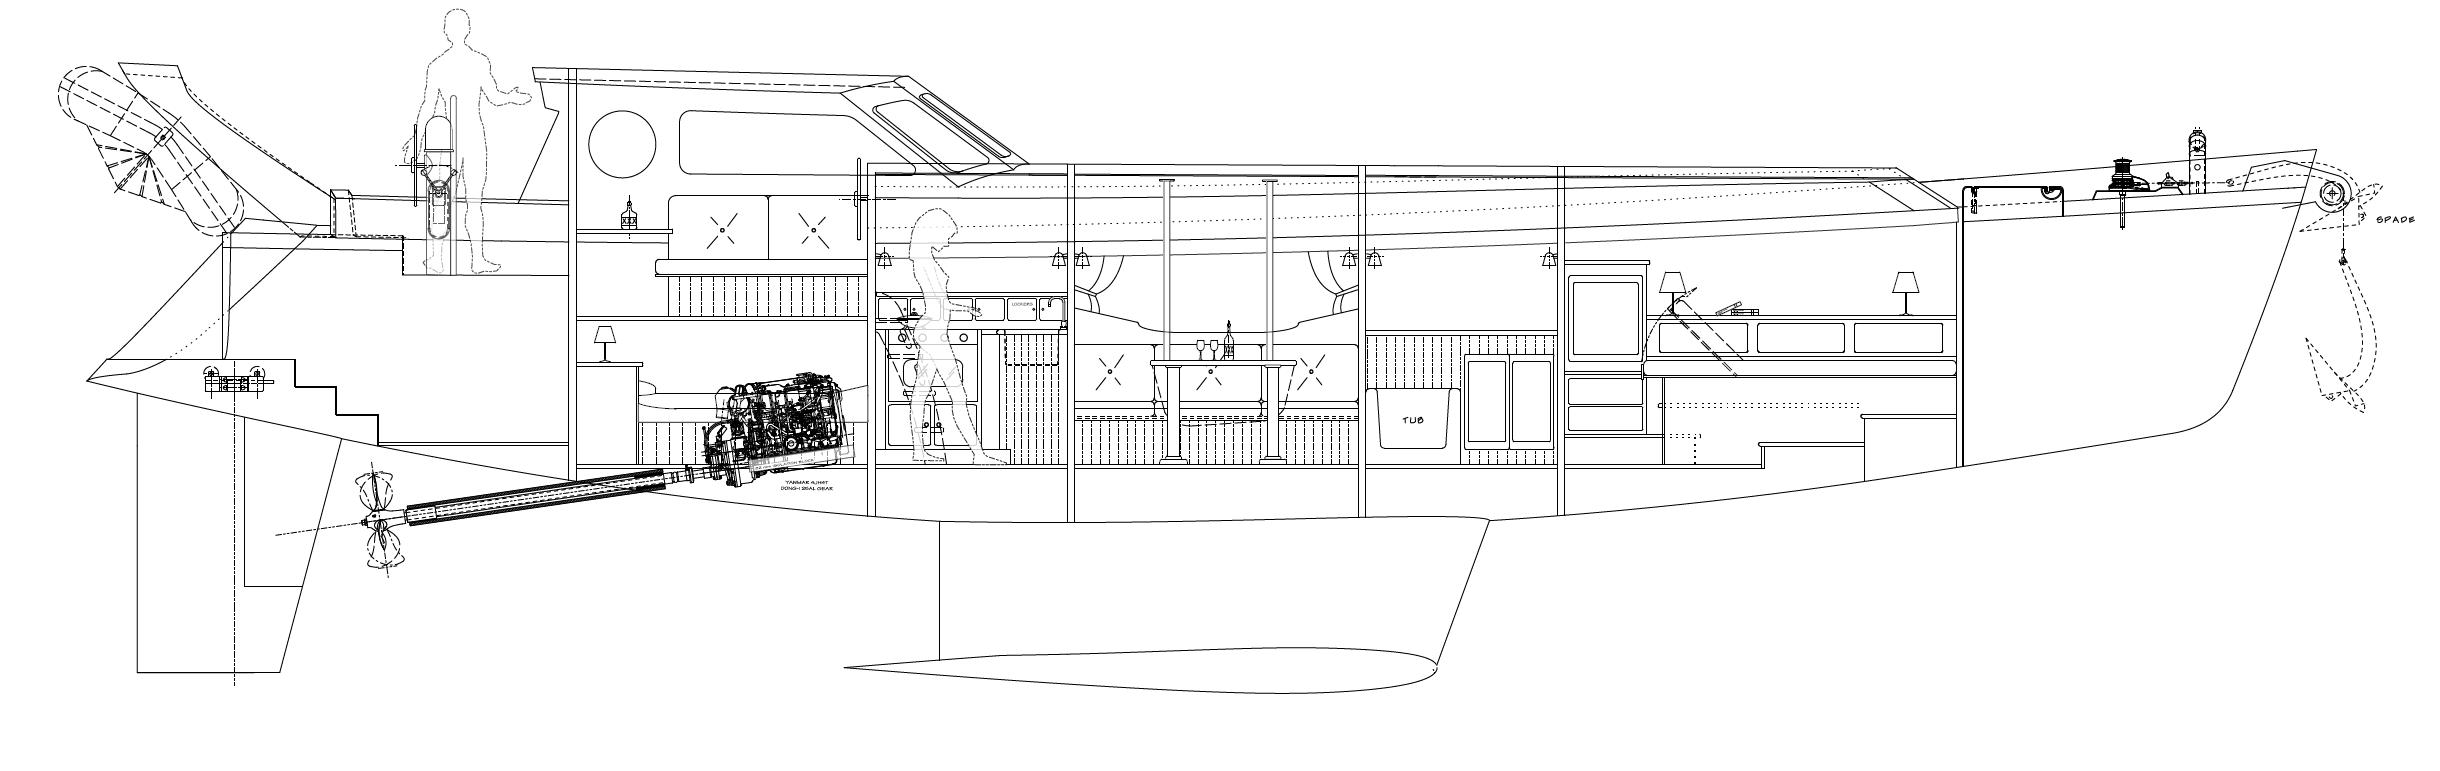 Art Line Yacht Interior Design : Our custom yacht design process kasten marine